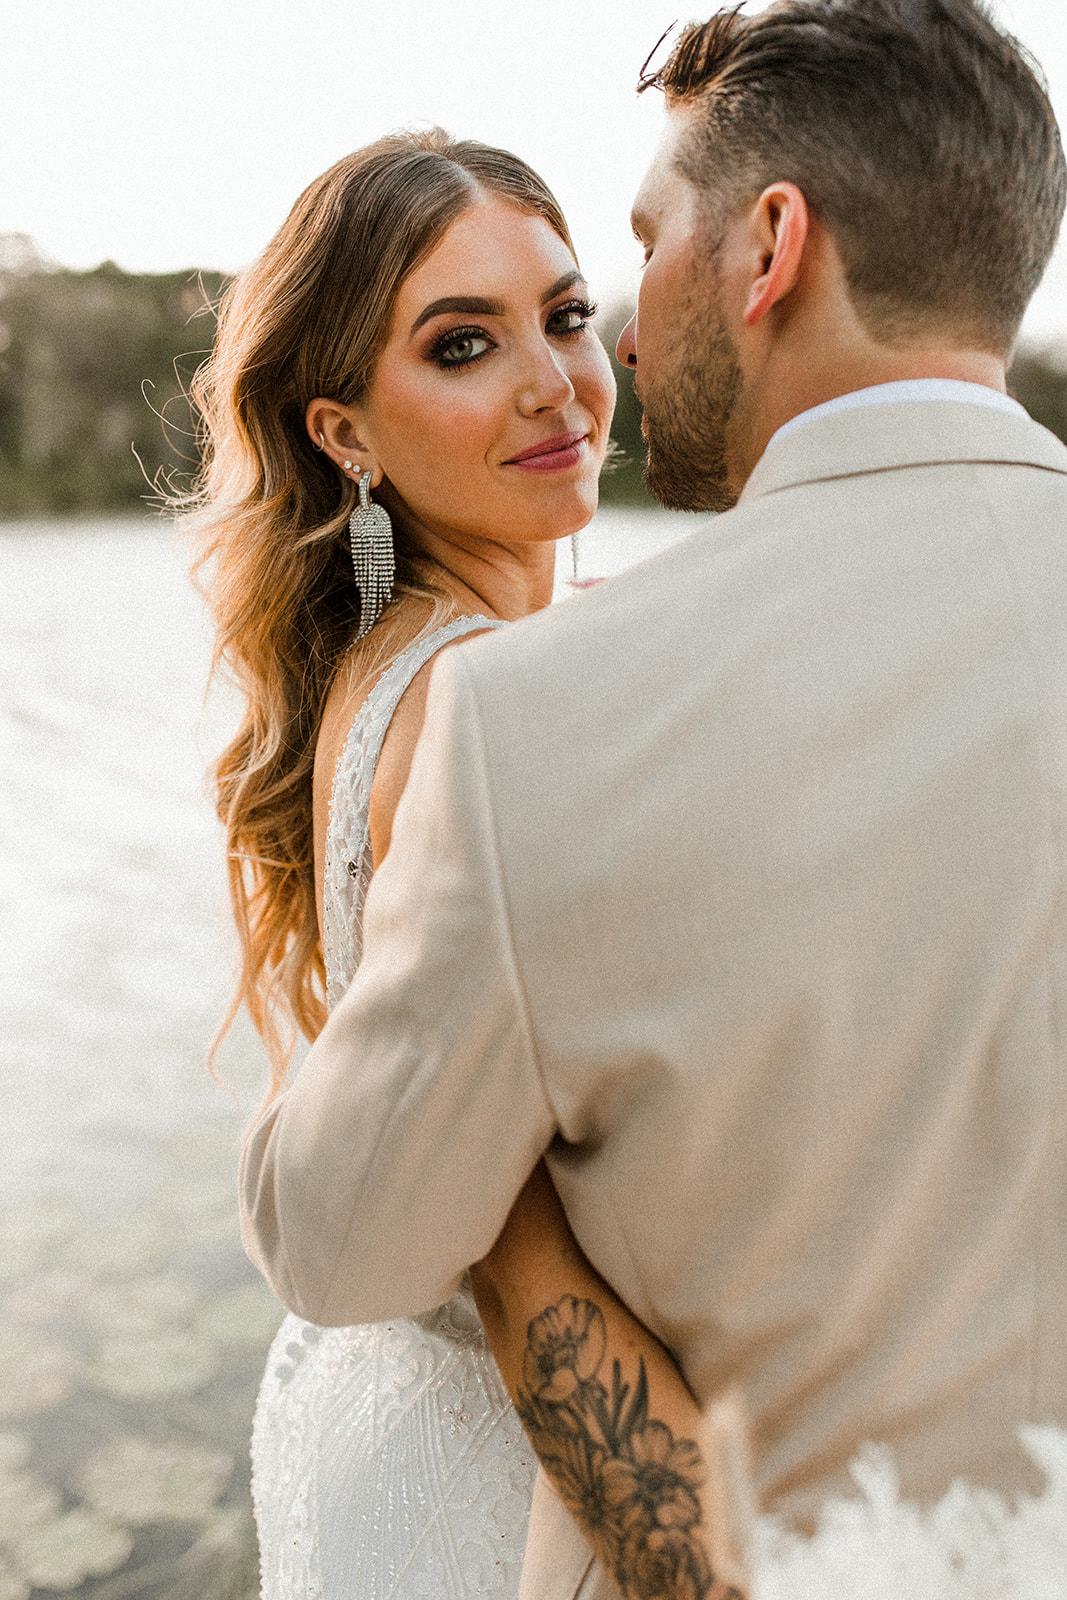 Bride Wearing Modern Wedding Makeup at Intimate Lakeside Wedding